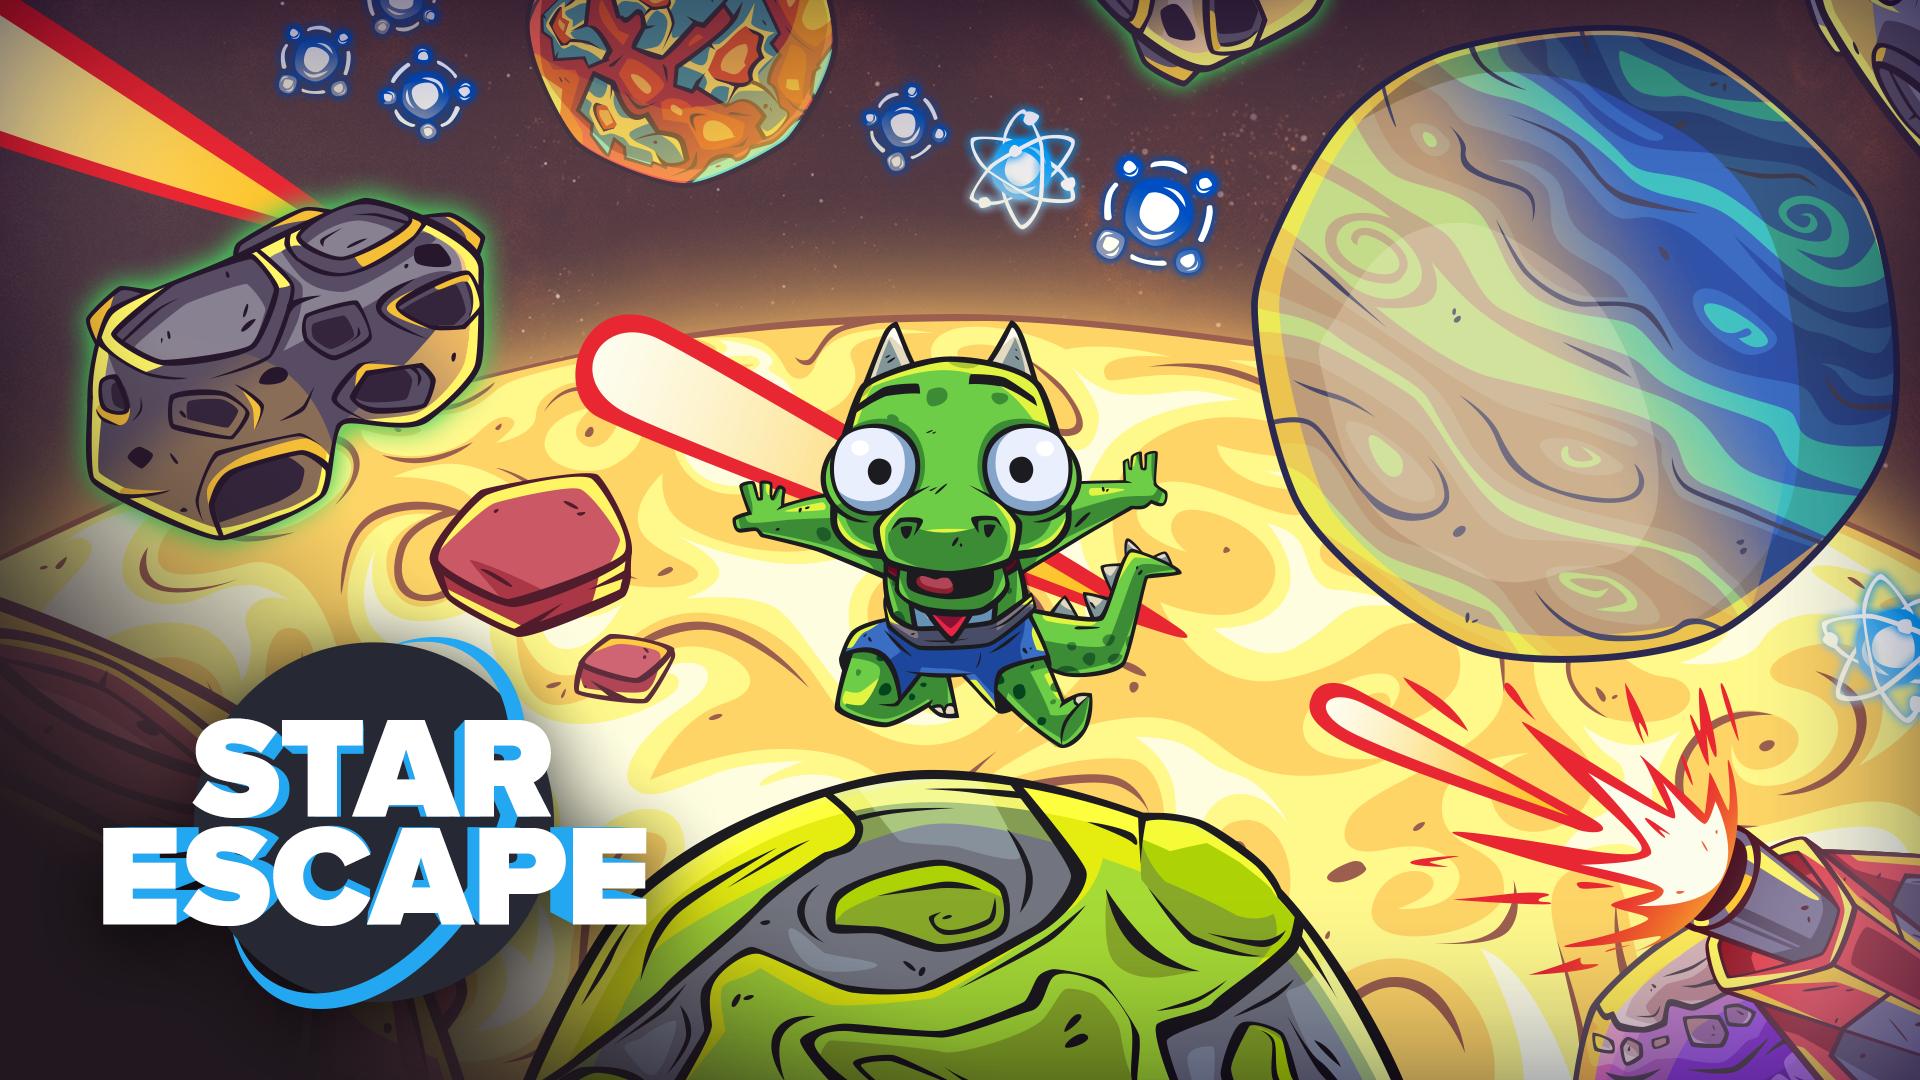 Star Escape